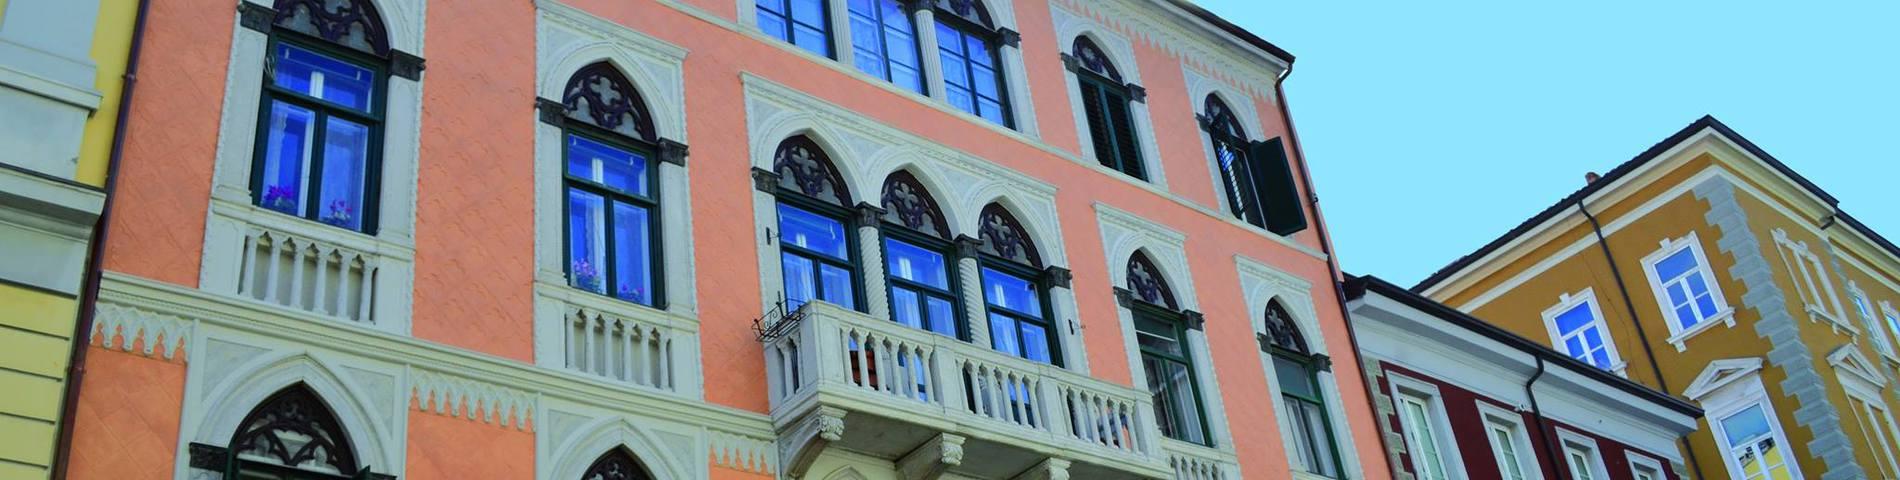 Piccola Università Italiana - Le Venezie picture 1